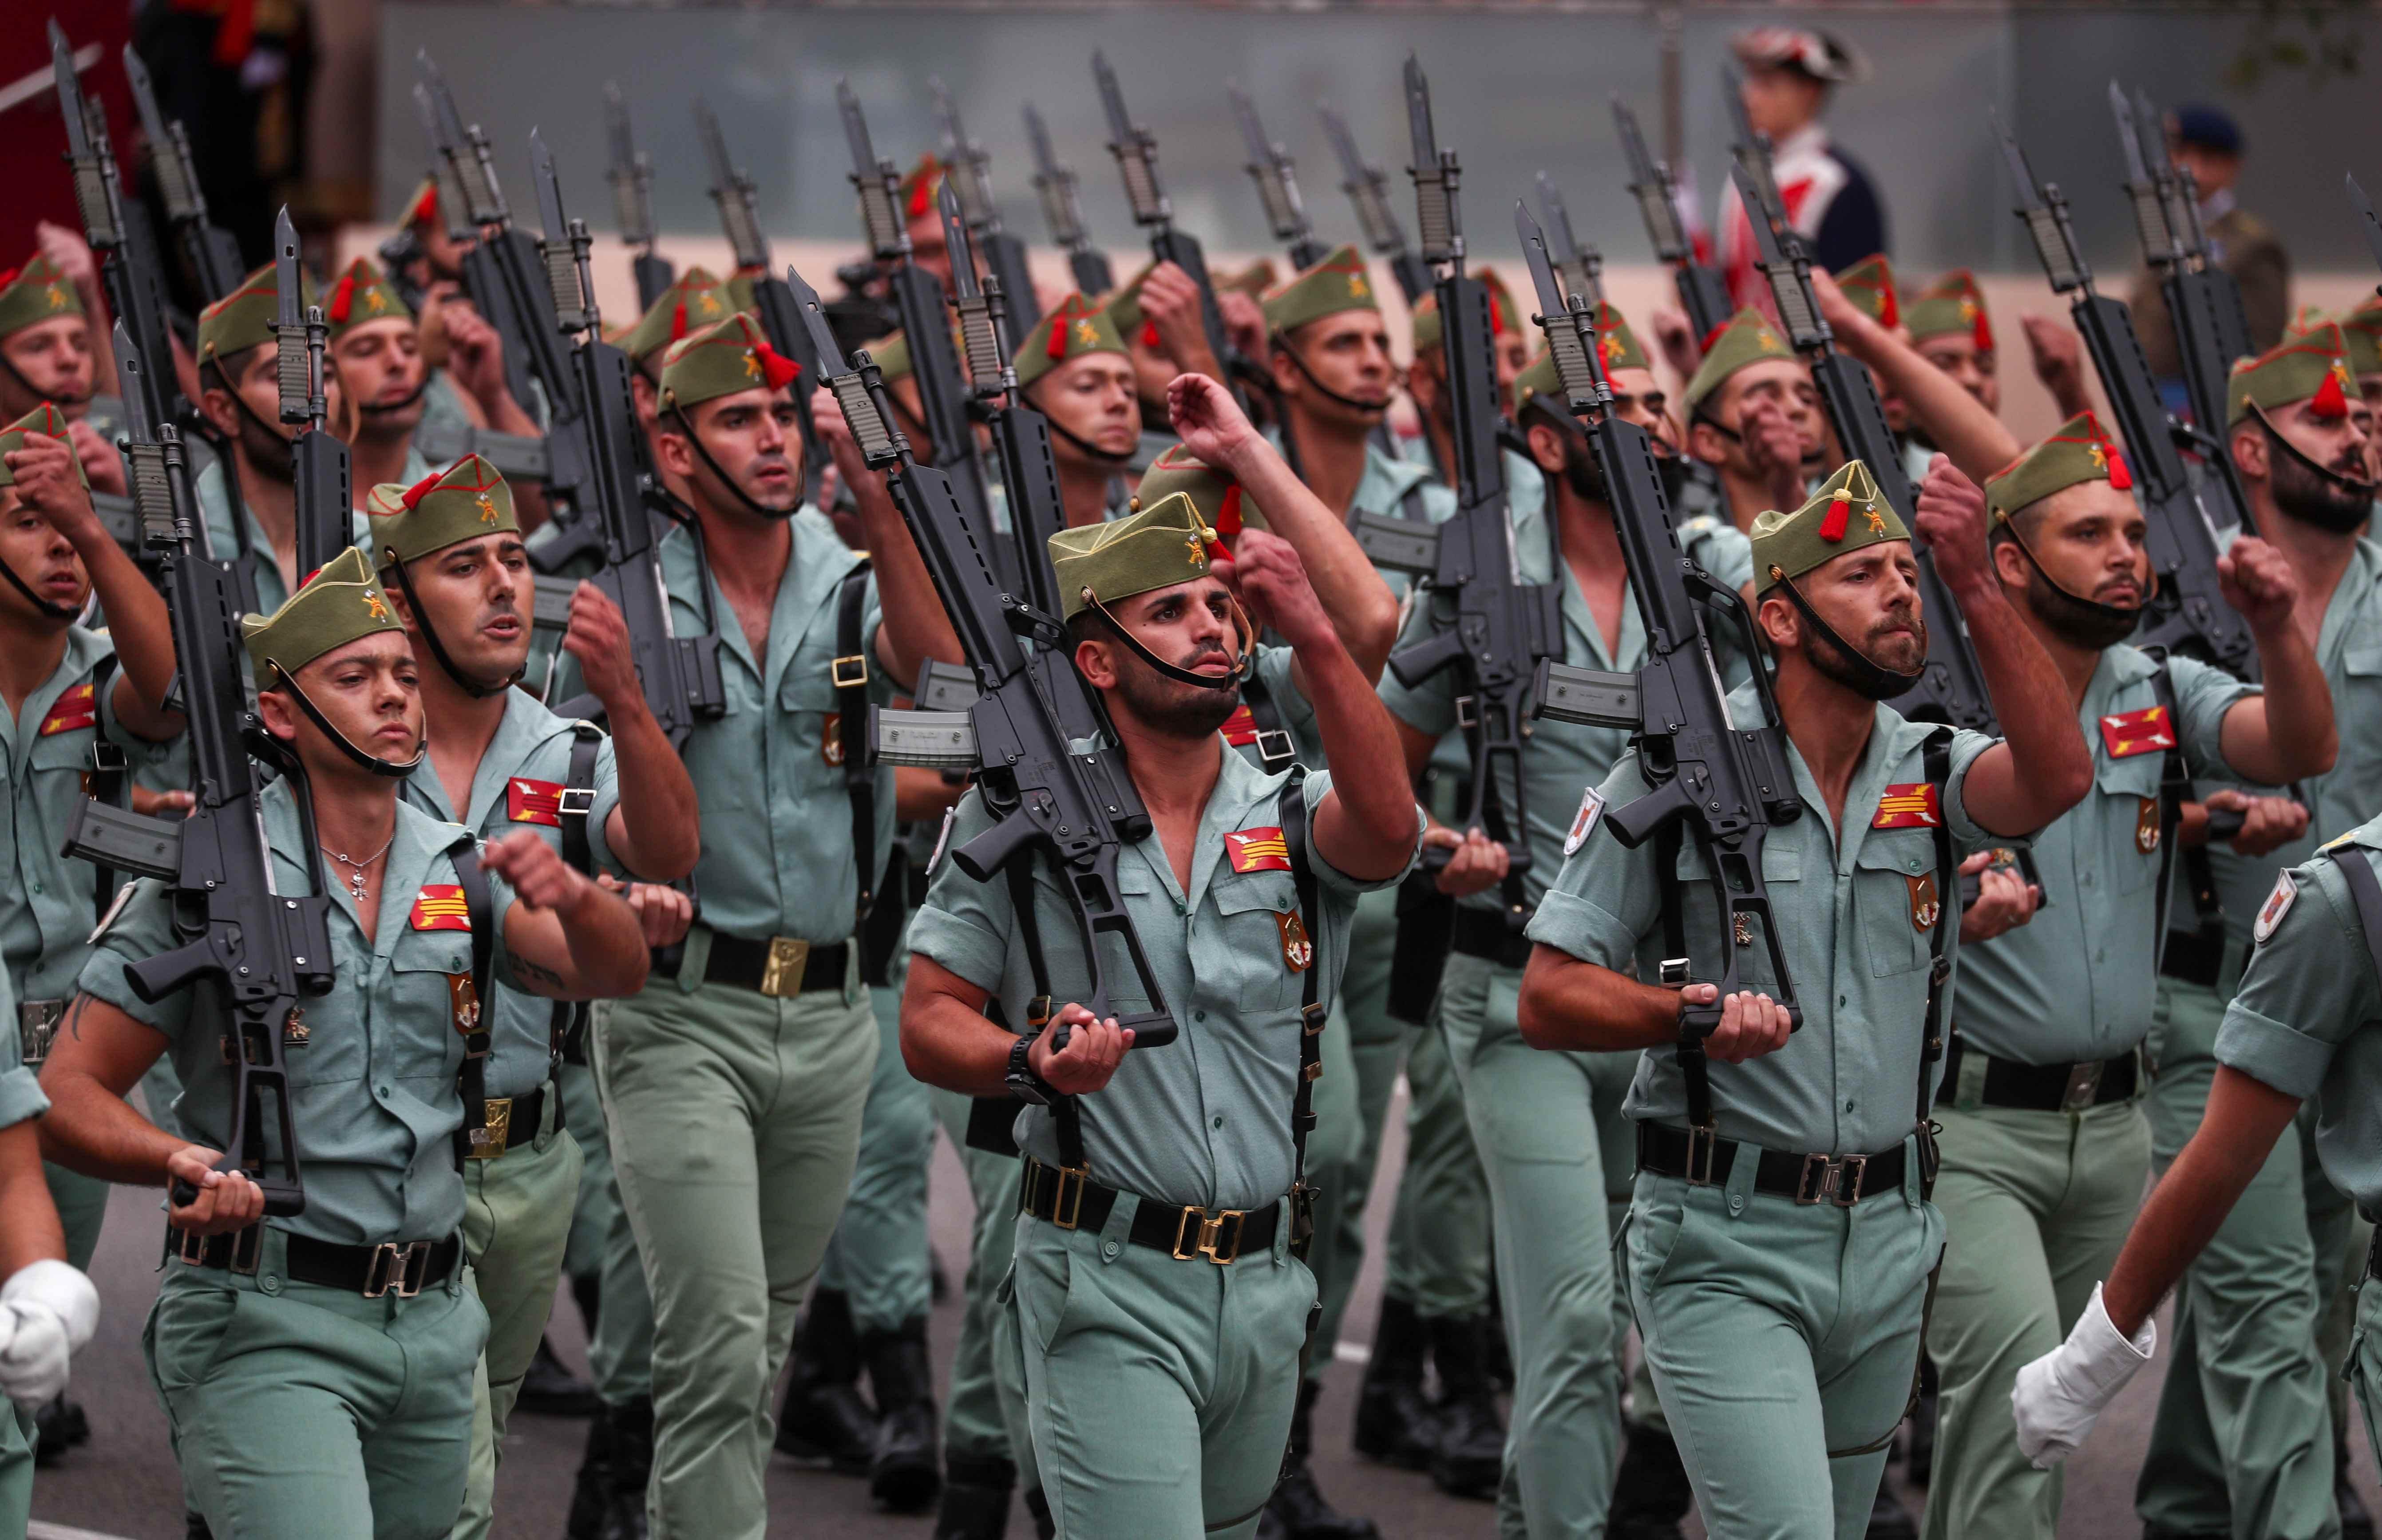 عروض عسكرية خلال العيد القومى بإسبانيا